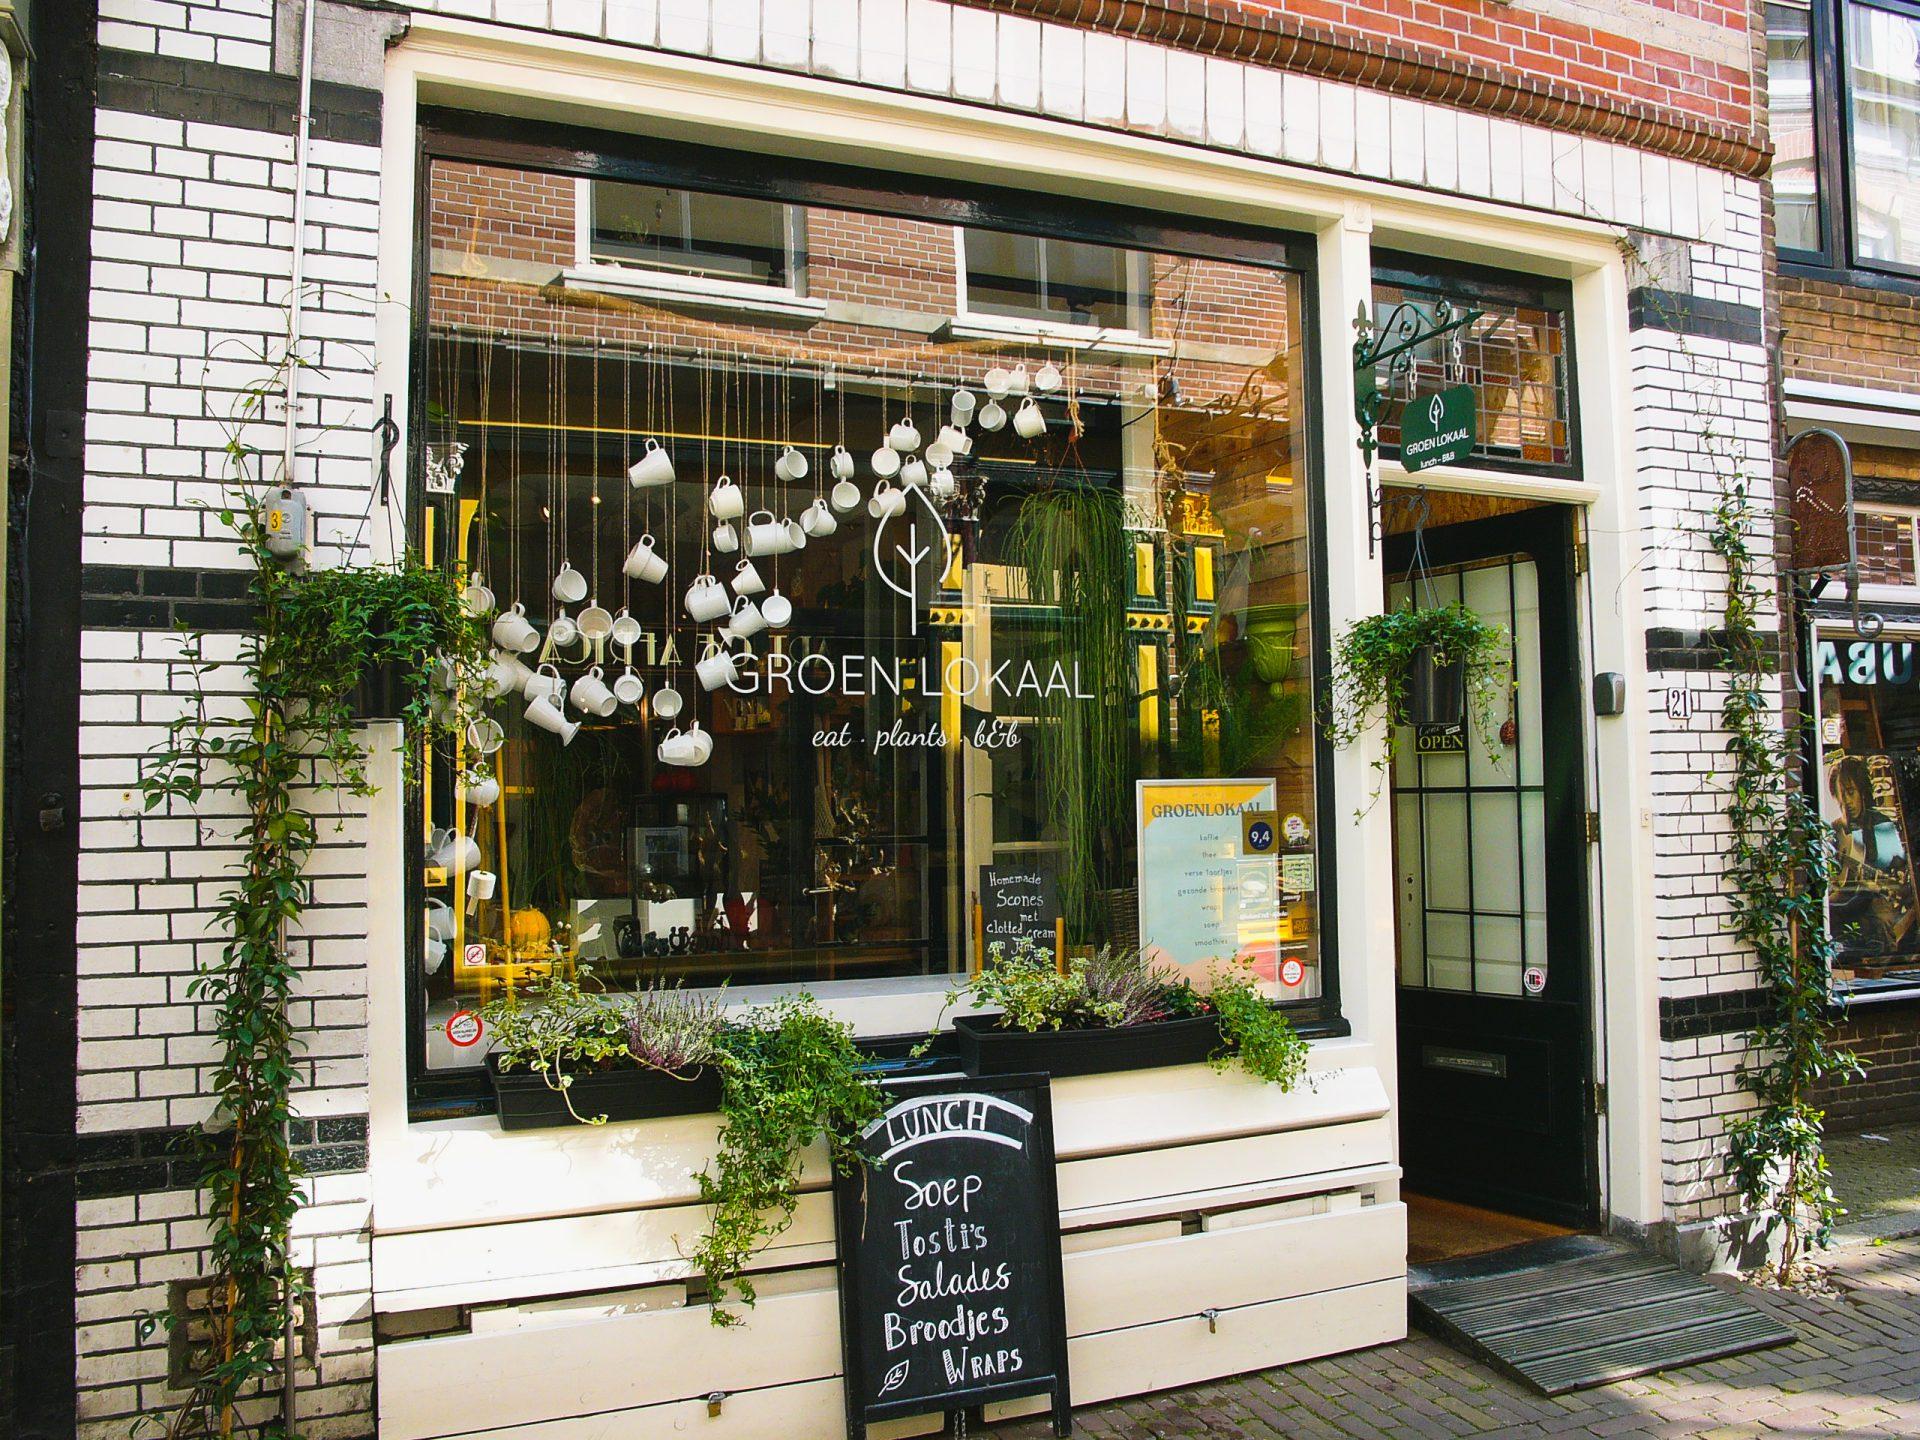 Groenlokaal Alkmaar